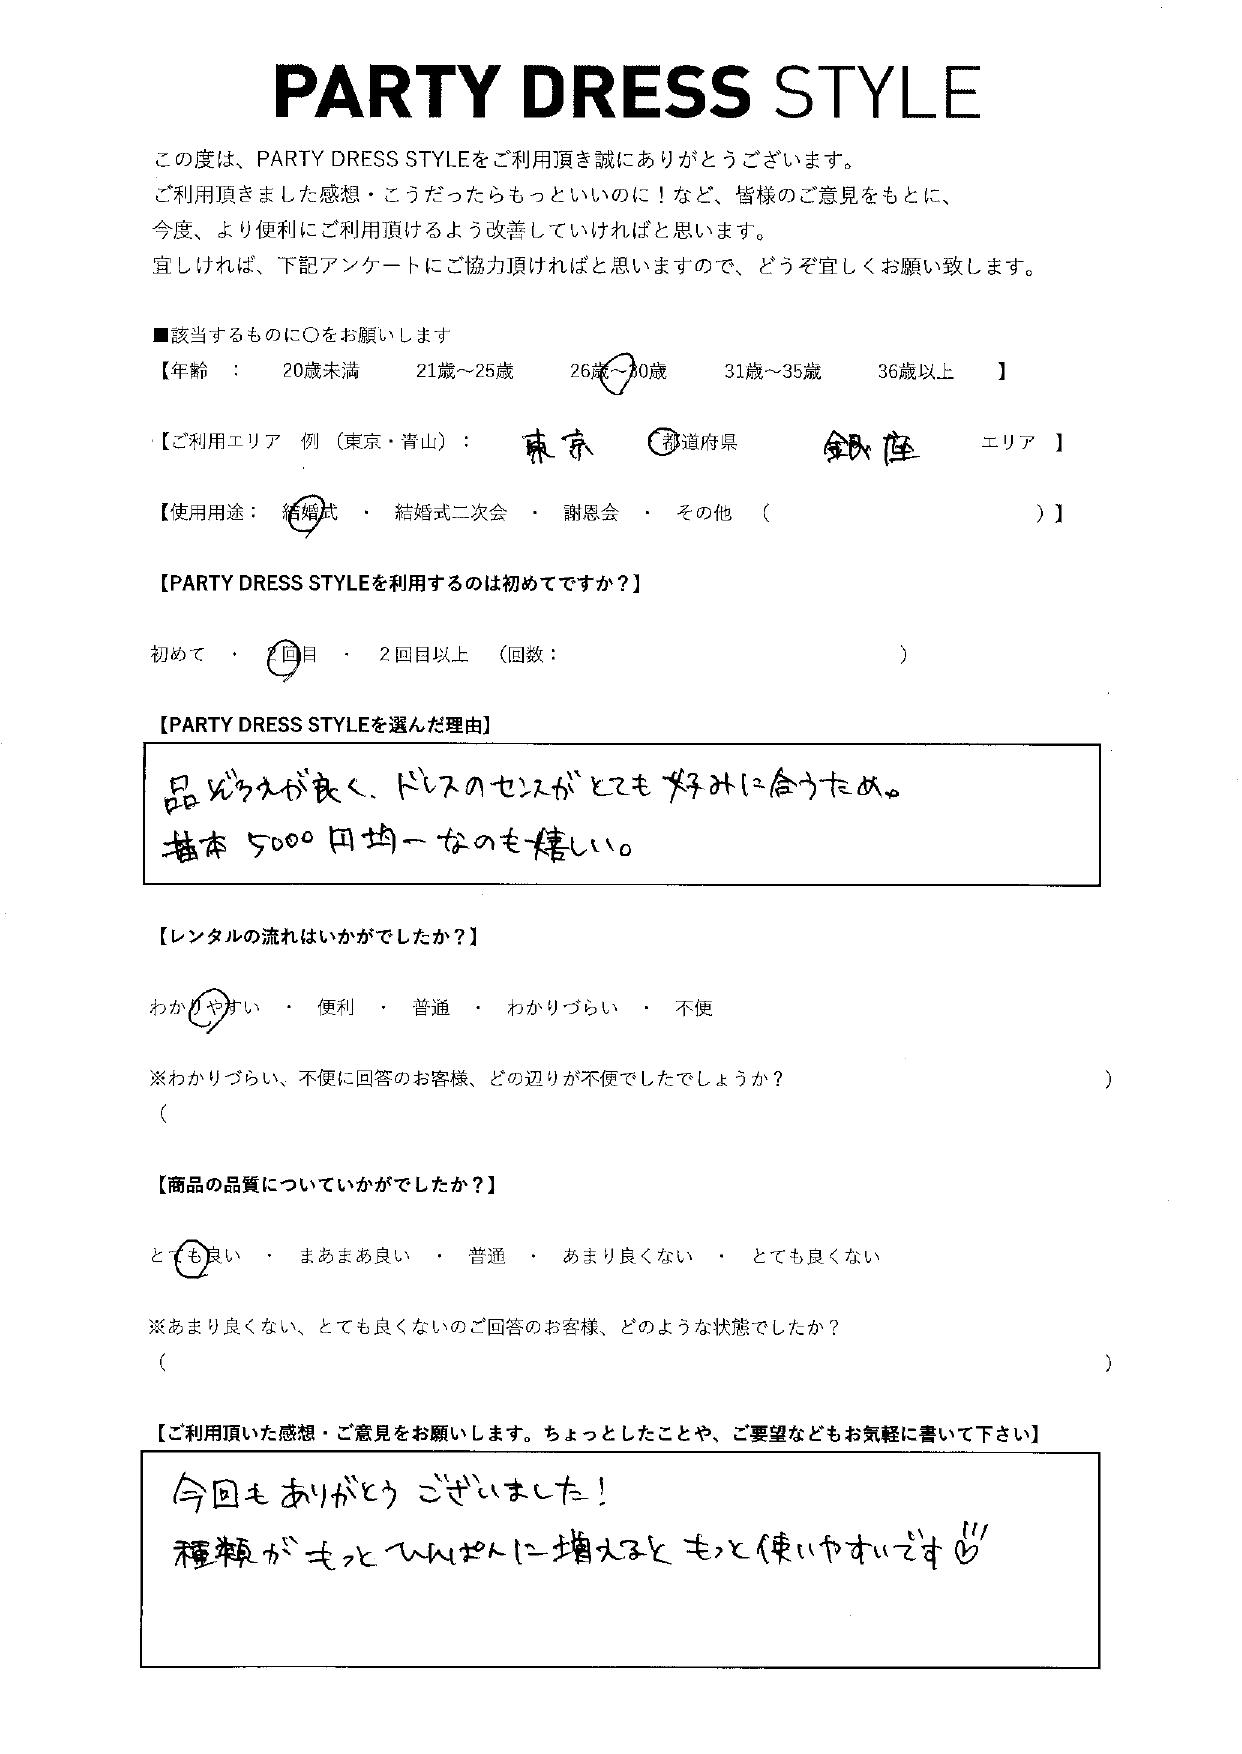 9/11結婚式ご利用 東京・銀座エリア